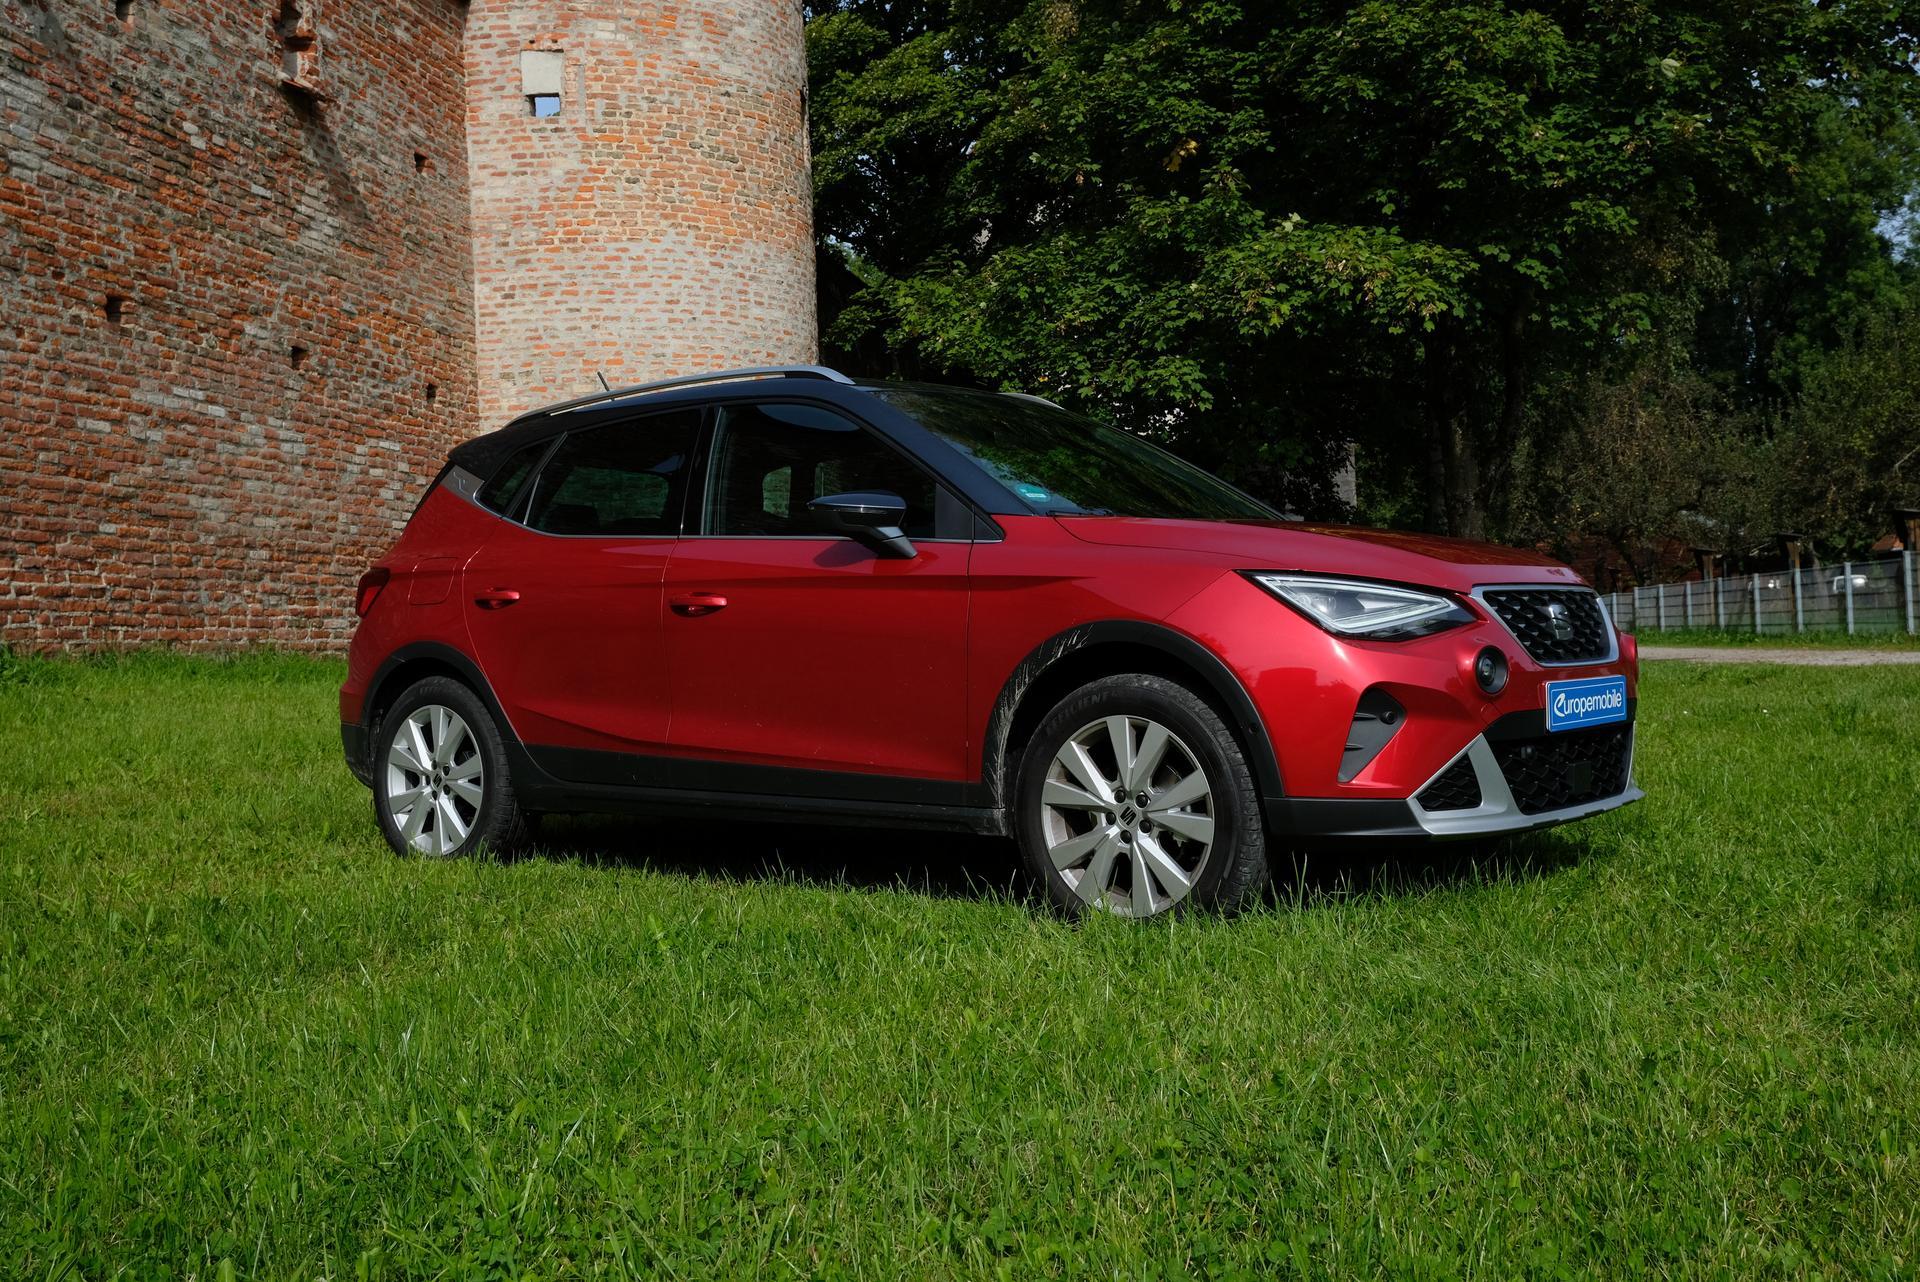 Facelift: SEAT Arona 1.0 TGI Exterieur 2021